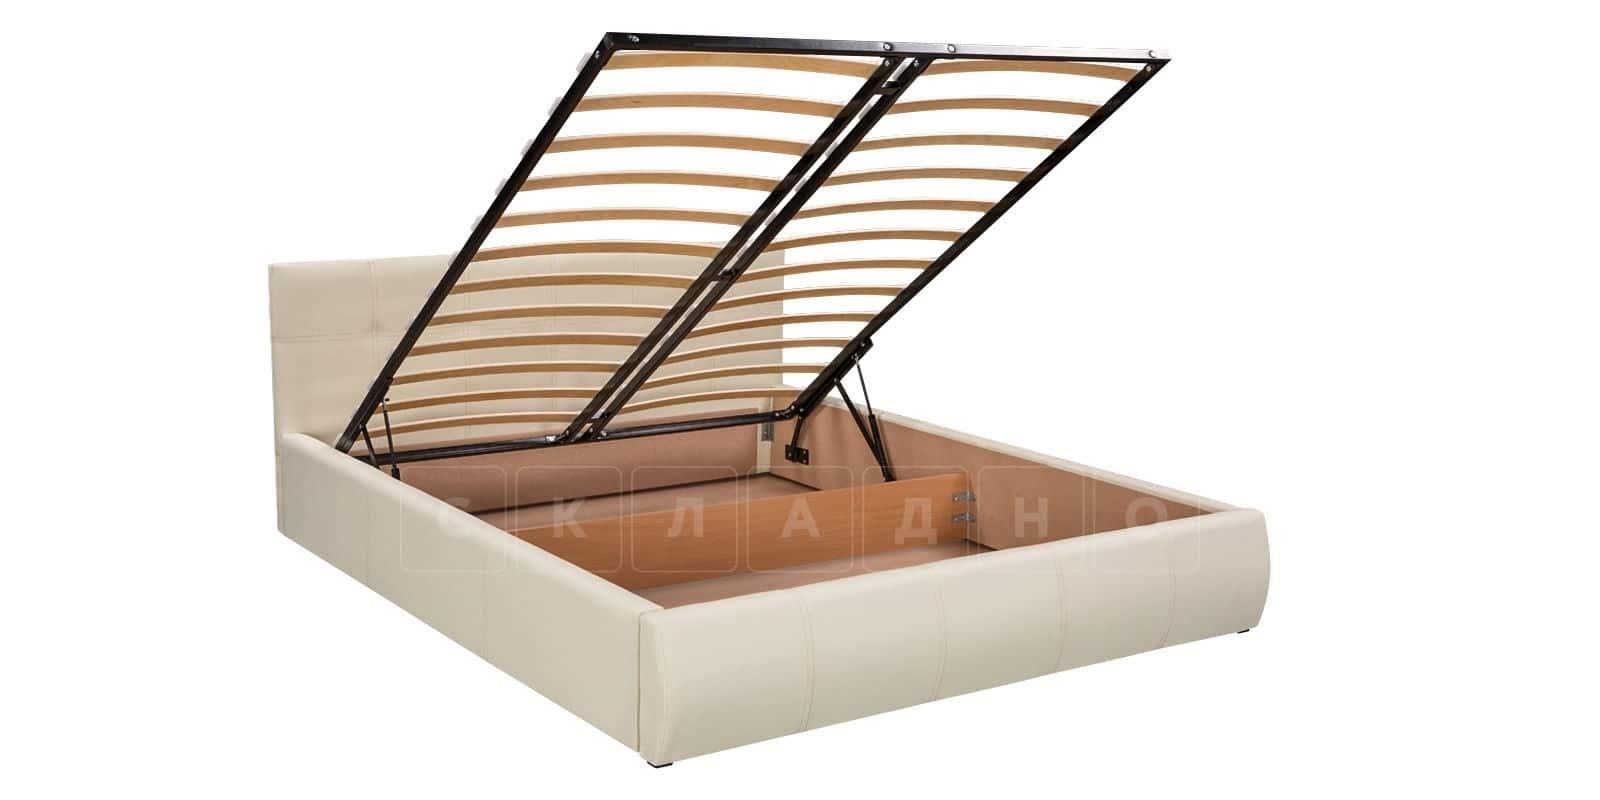 Мягкая кровать Афина 180см молочного цвета экокожа фото 6 | интернет-магазин Складно